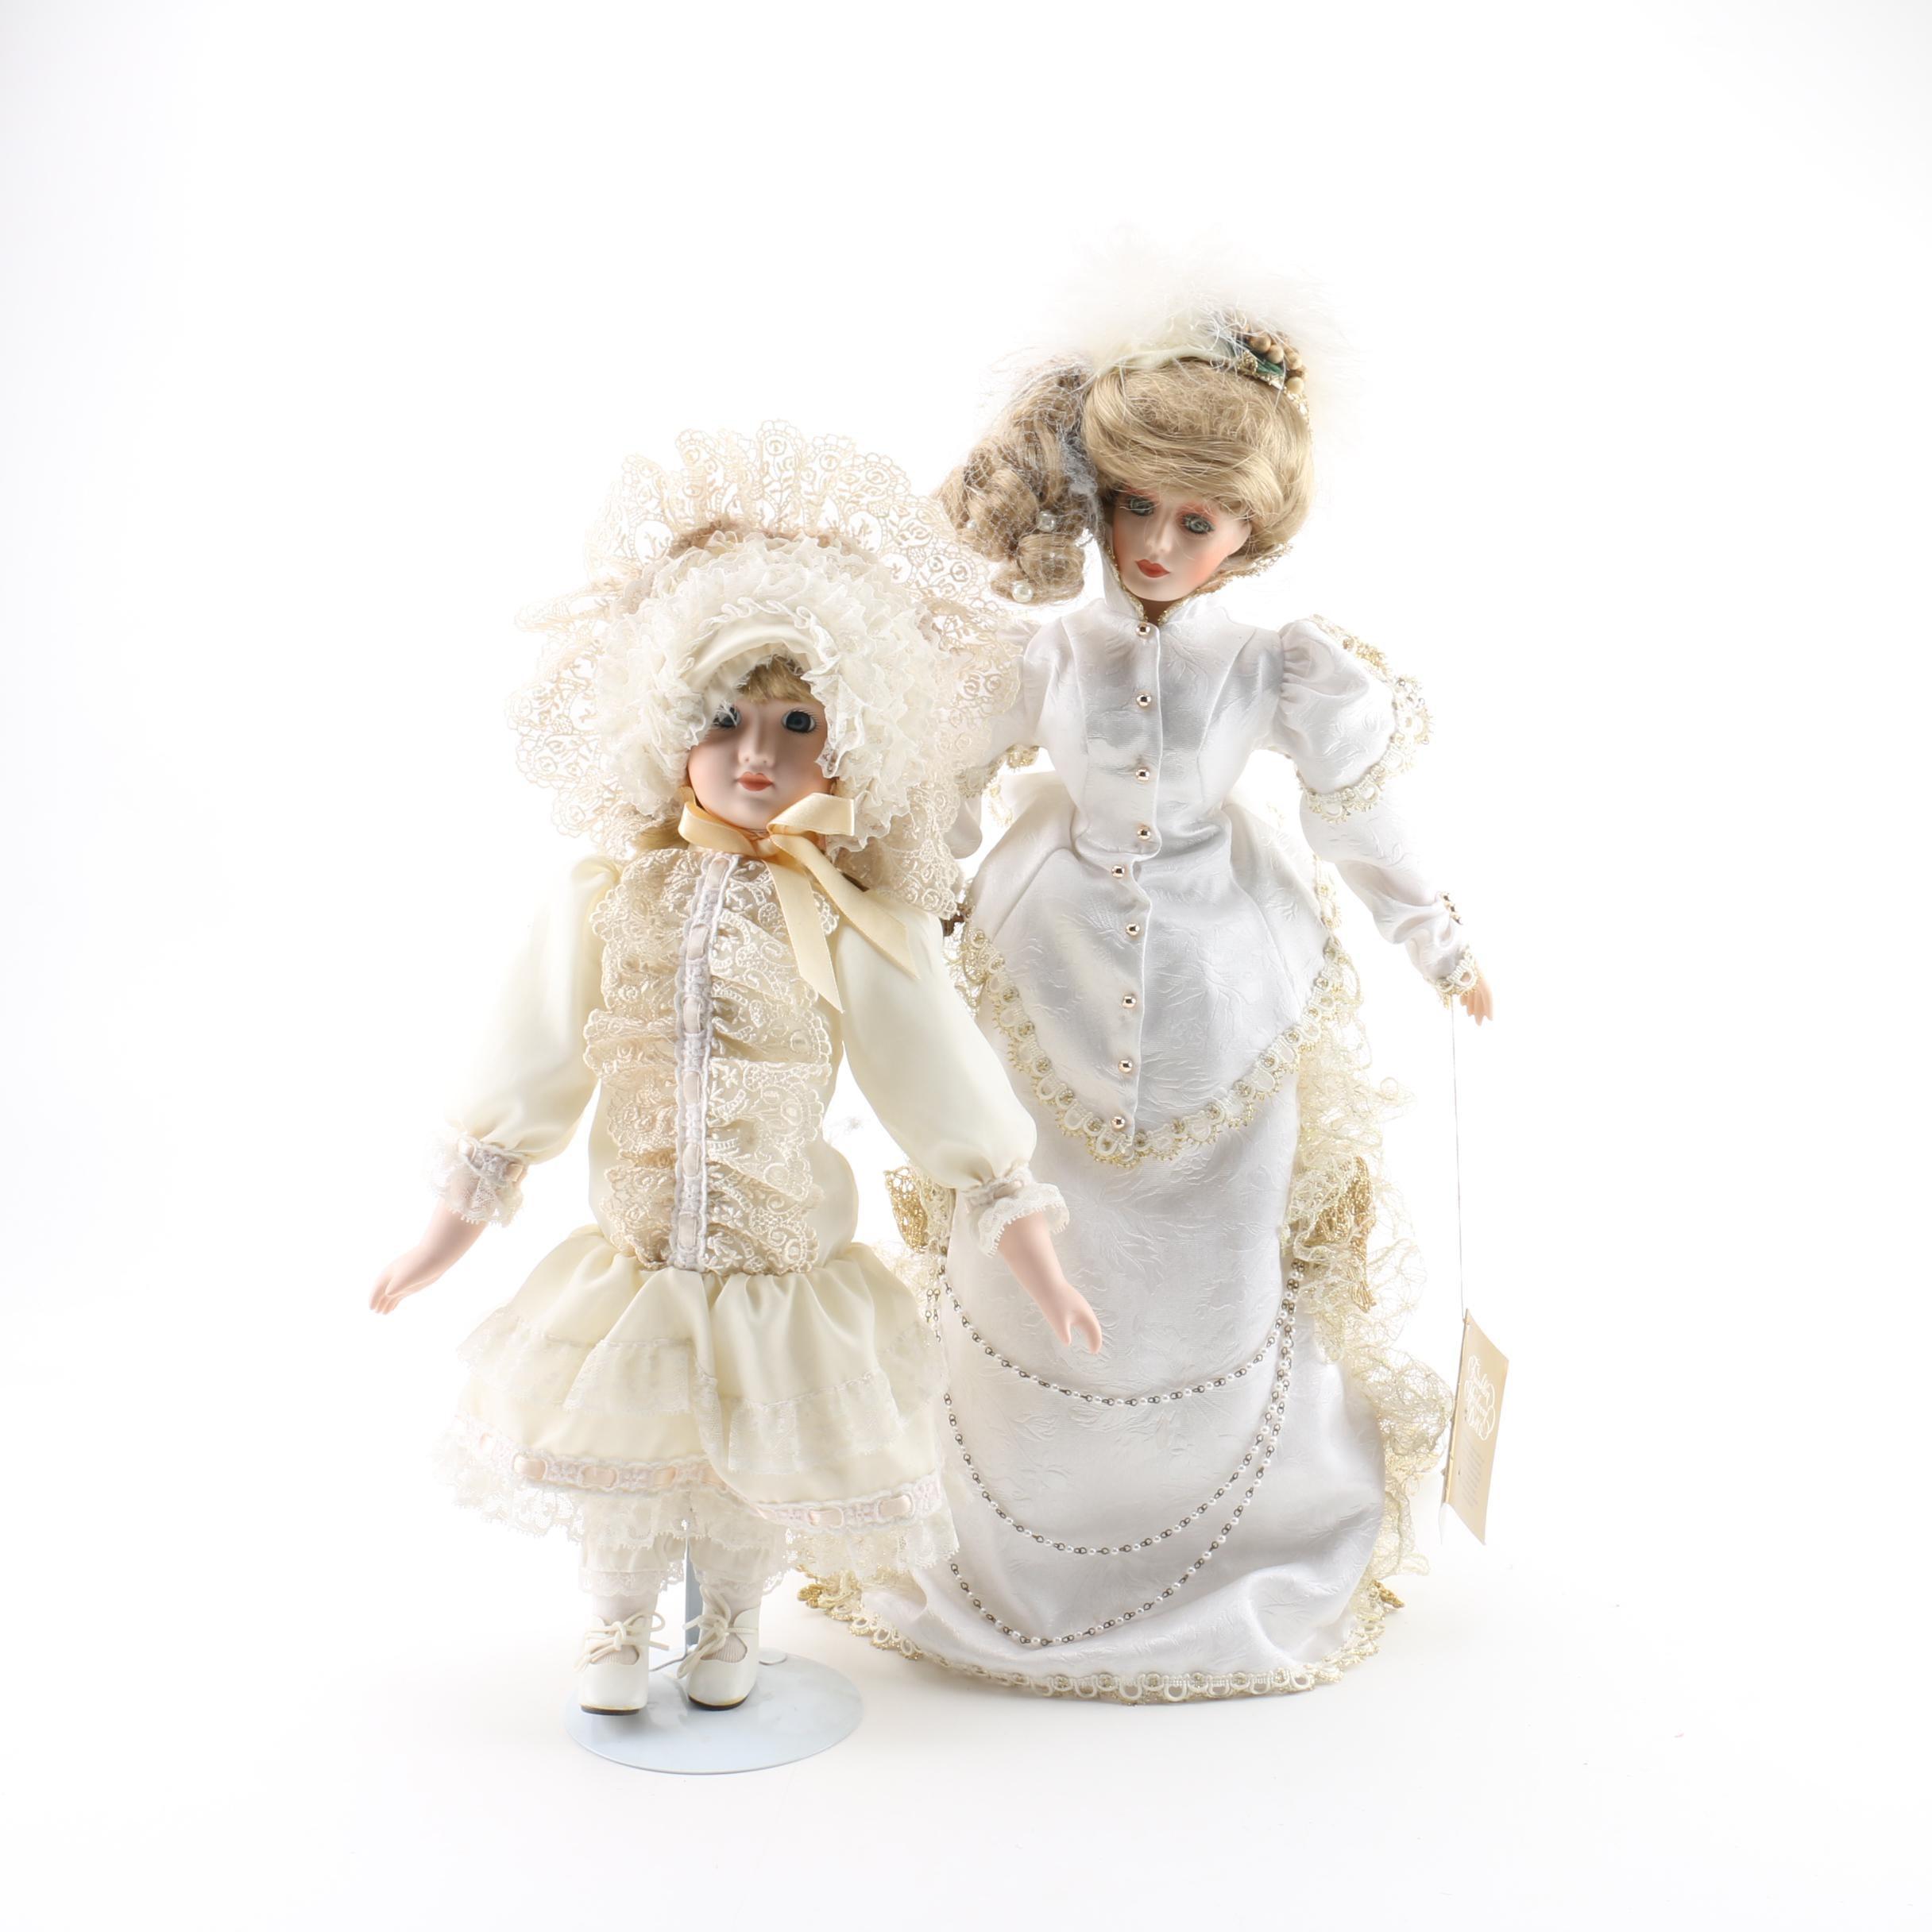 Franklin Heirloom Victorian Bride and Girl Porcelain Dolls